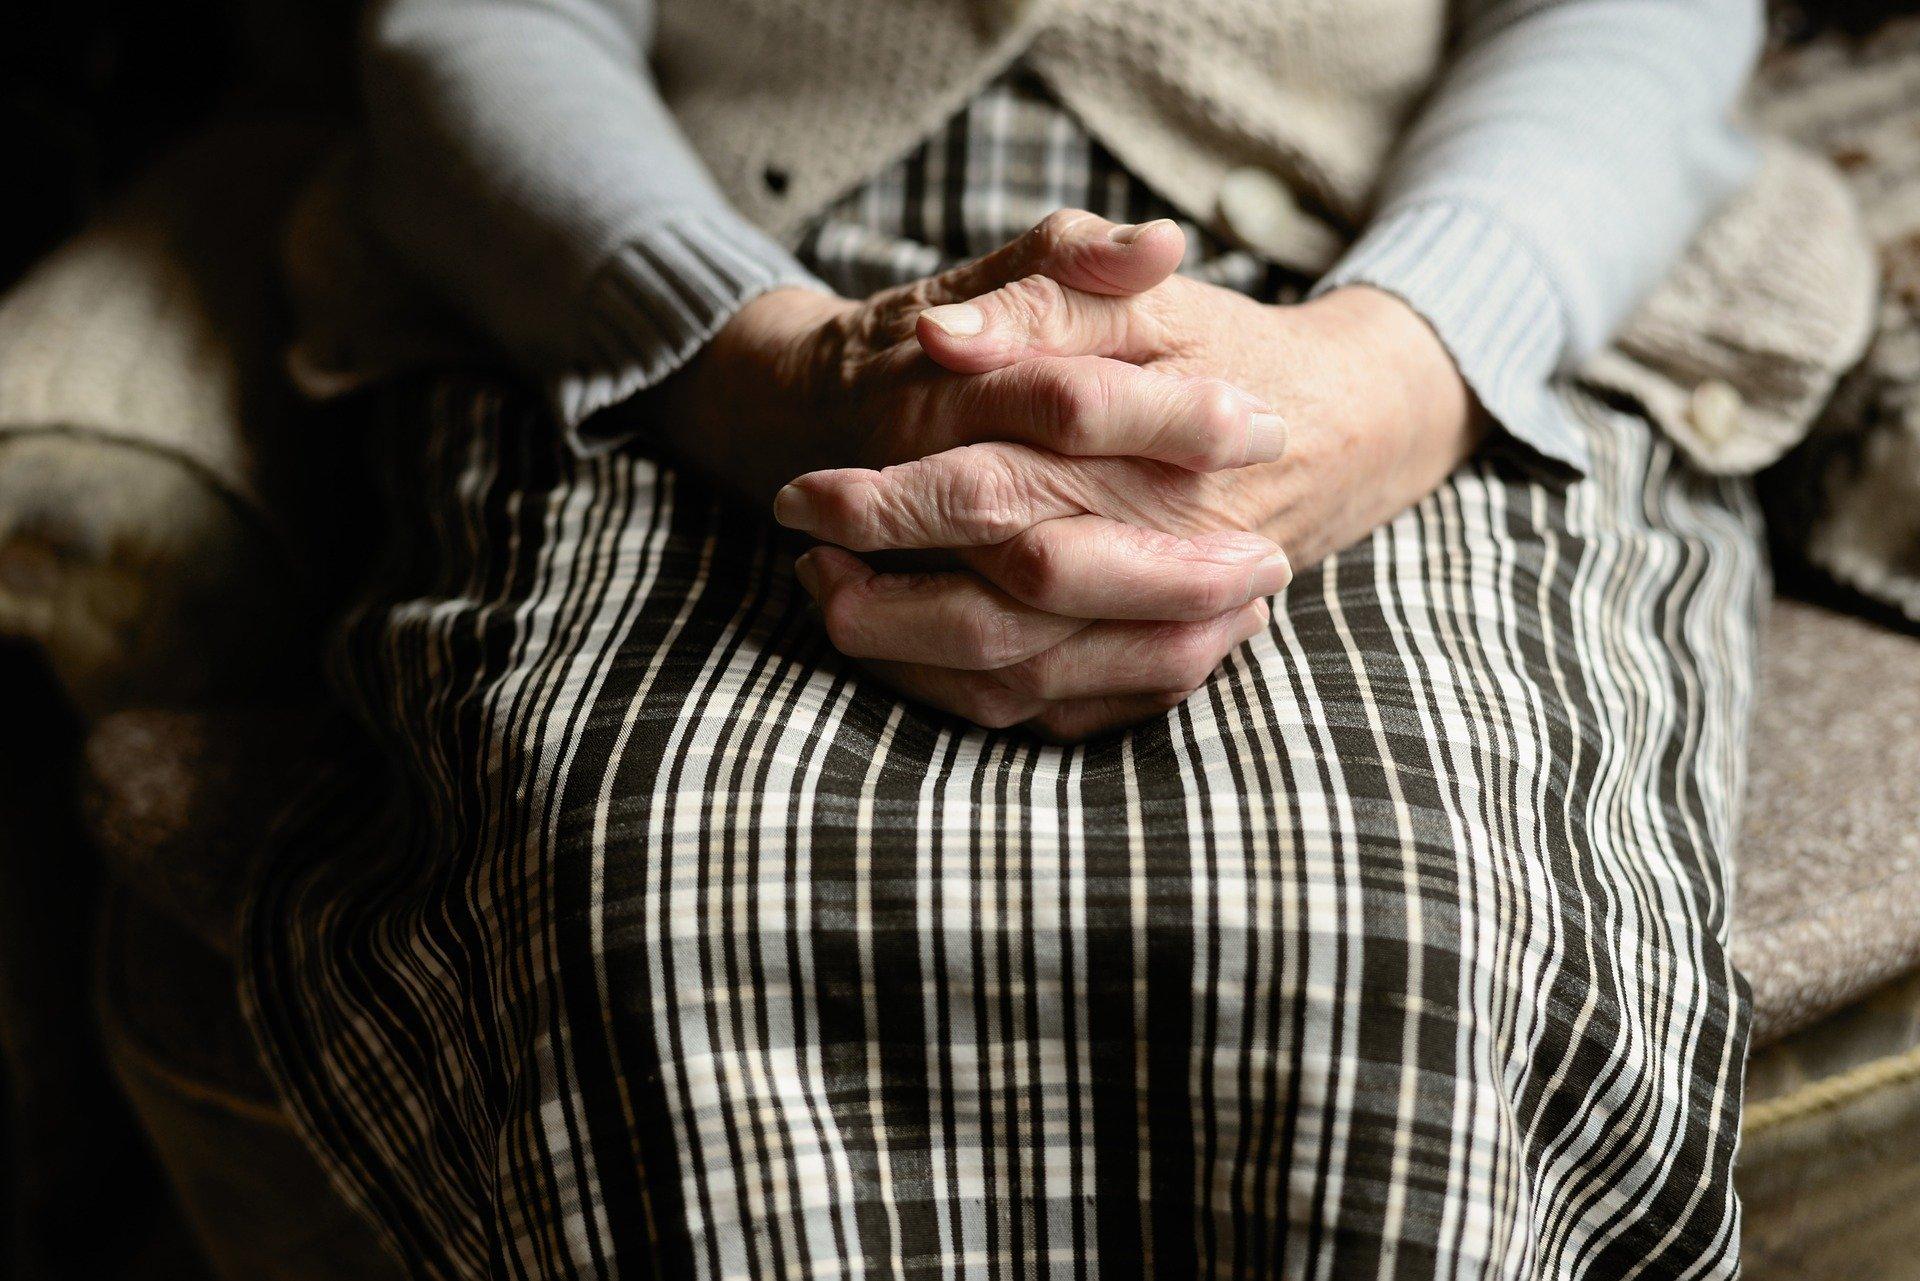 imagen de las manos entrelazadas de una persona